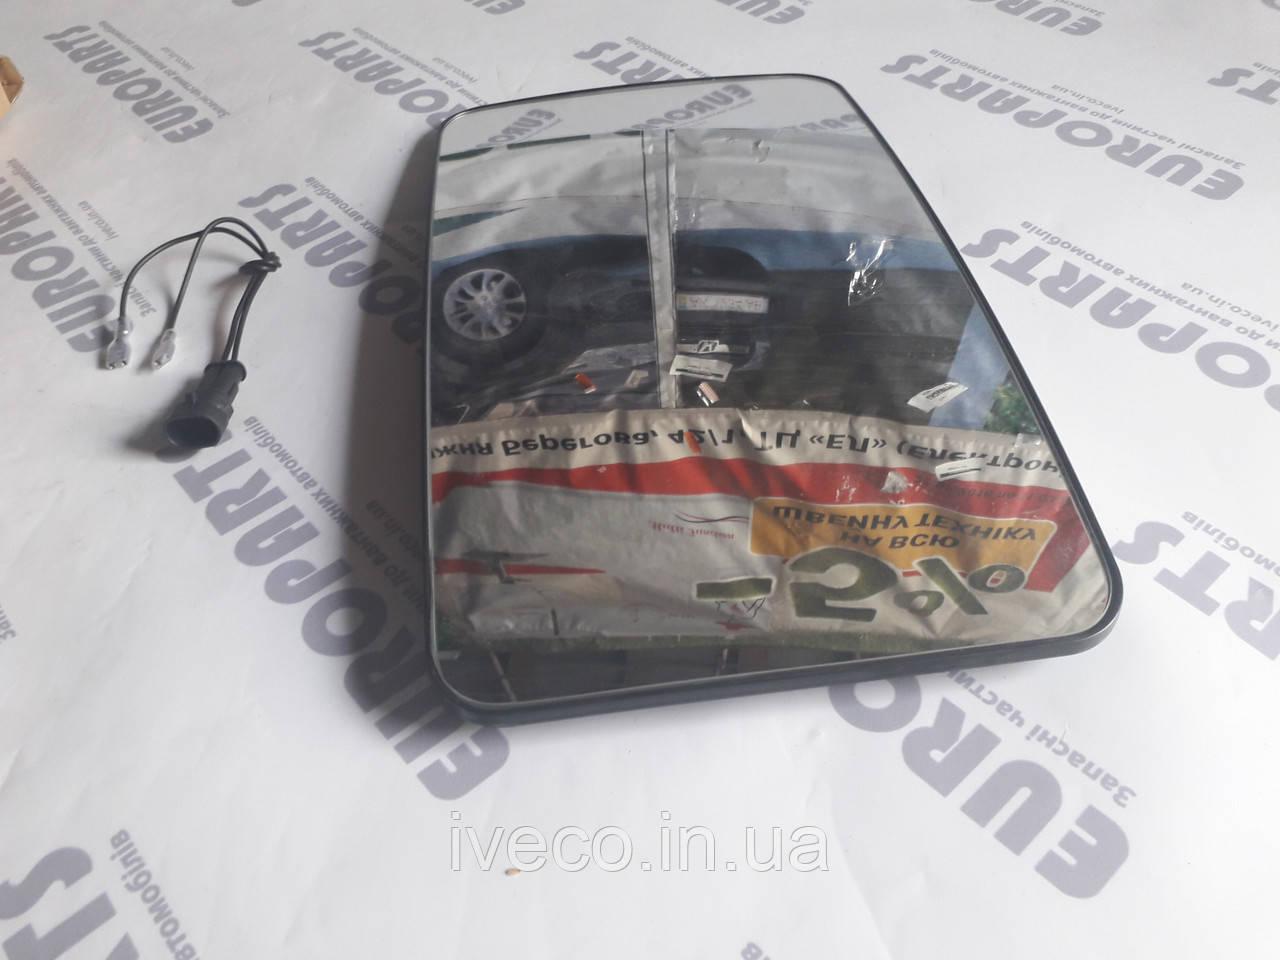 93193197 Стекло зеркала заднего вида с подогревом Ивеко IVECO EUROTECH EuroStar Trakker Eurocargo 93190970